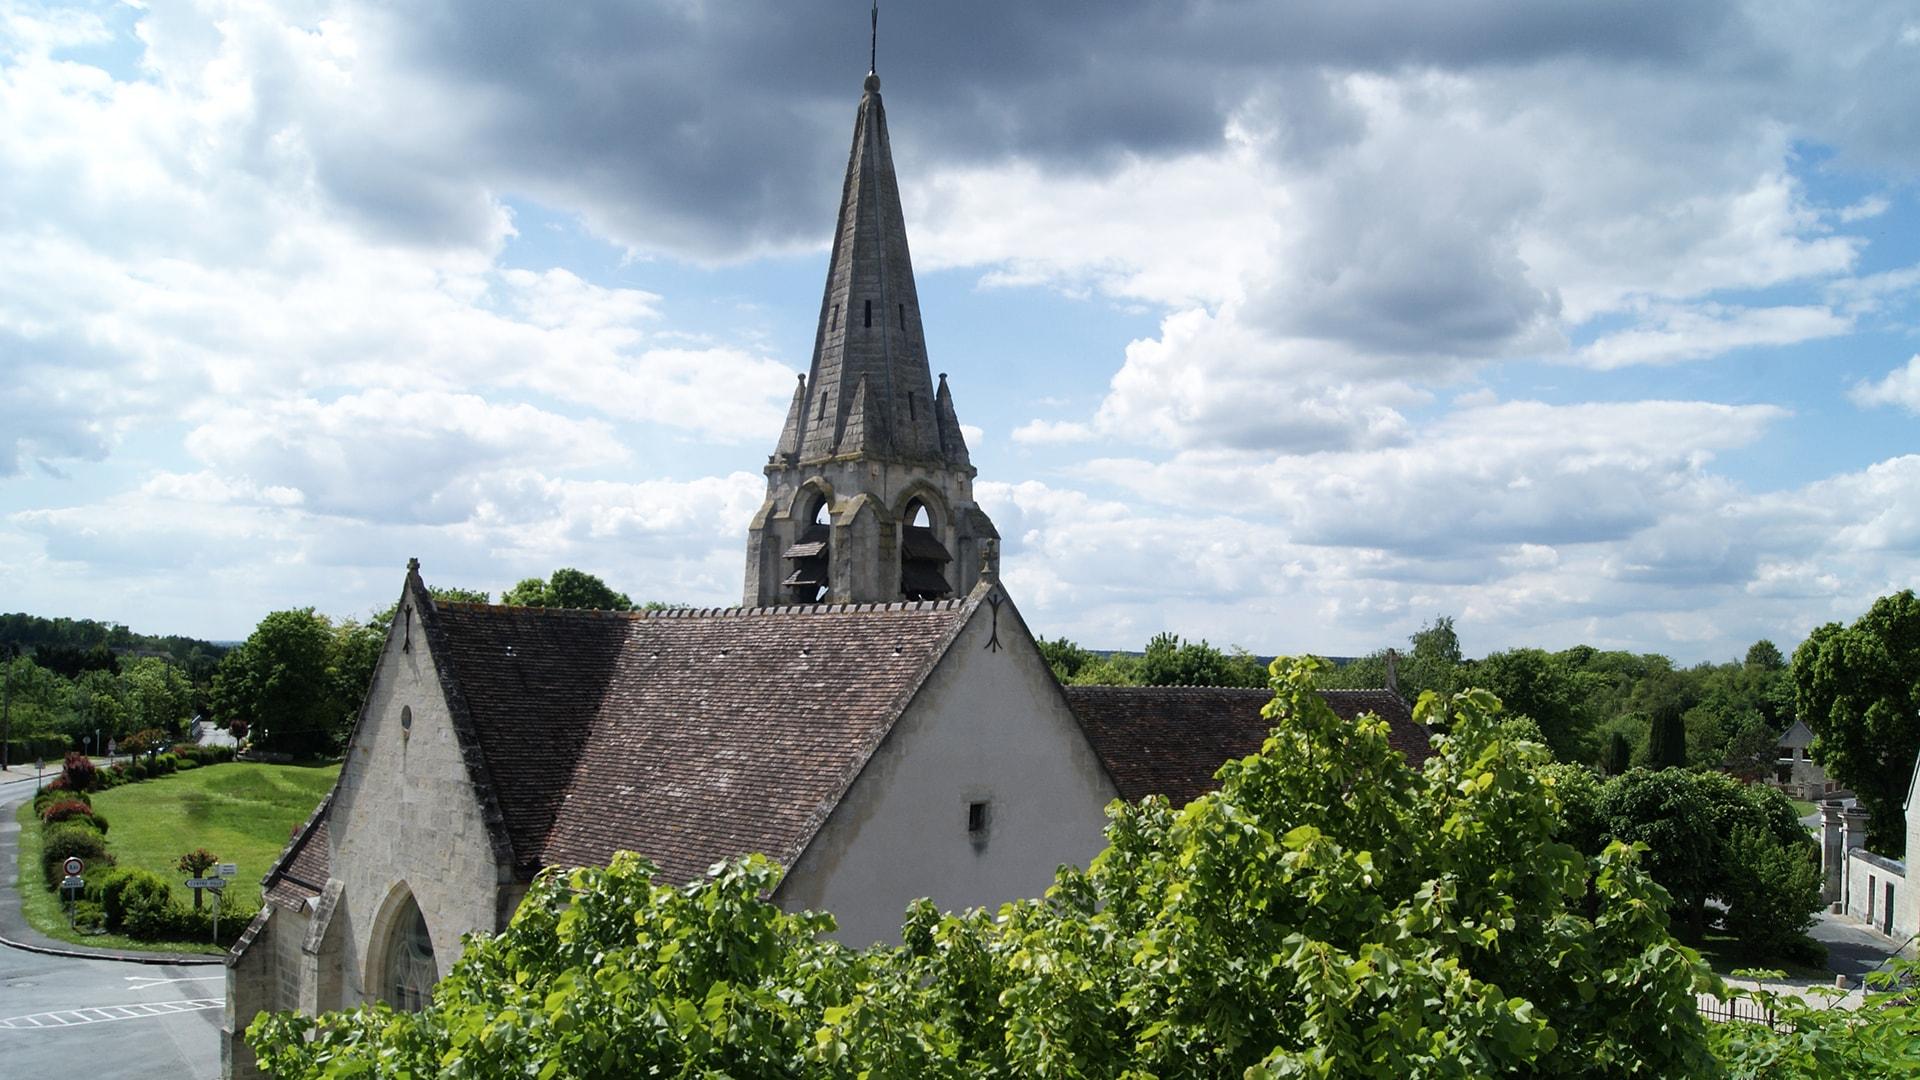 St Max Tropique Maisons programme immobilier neuf  Saint Maximin